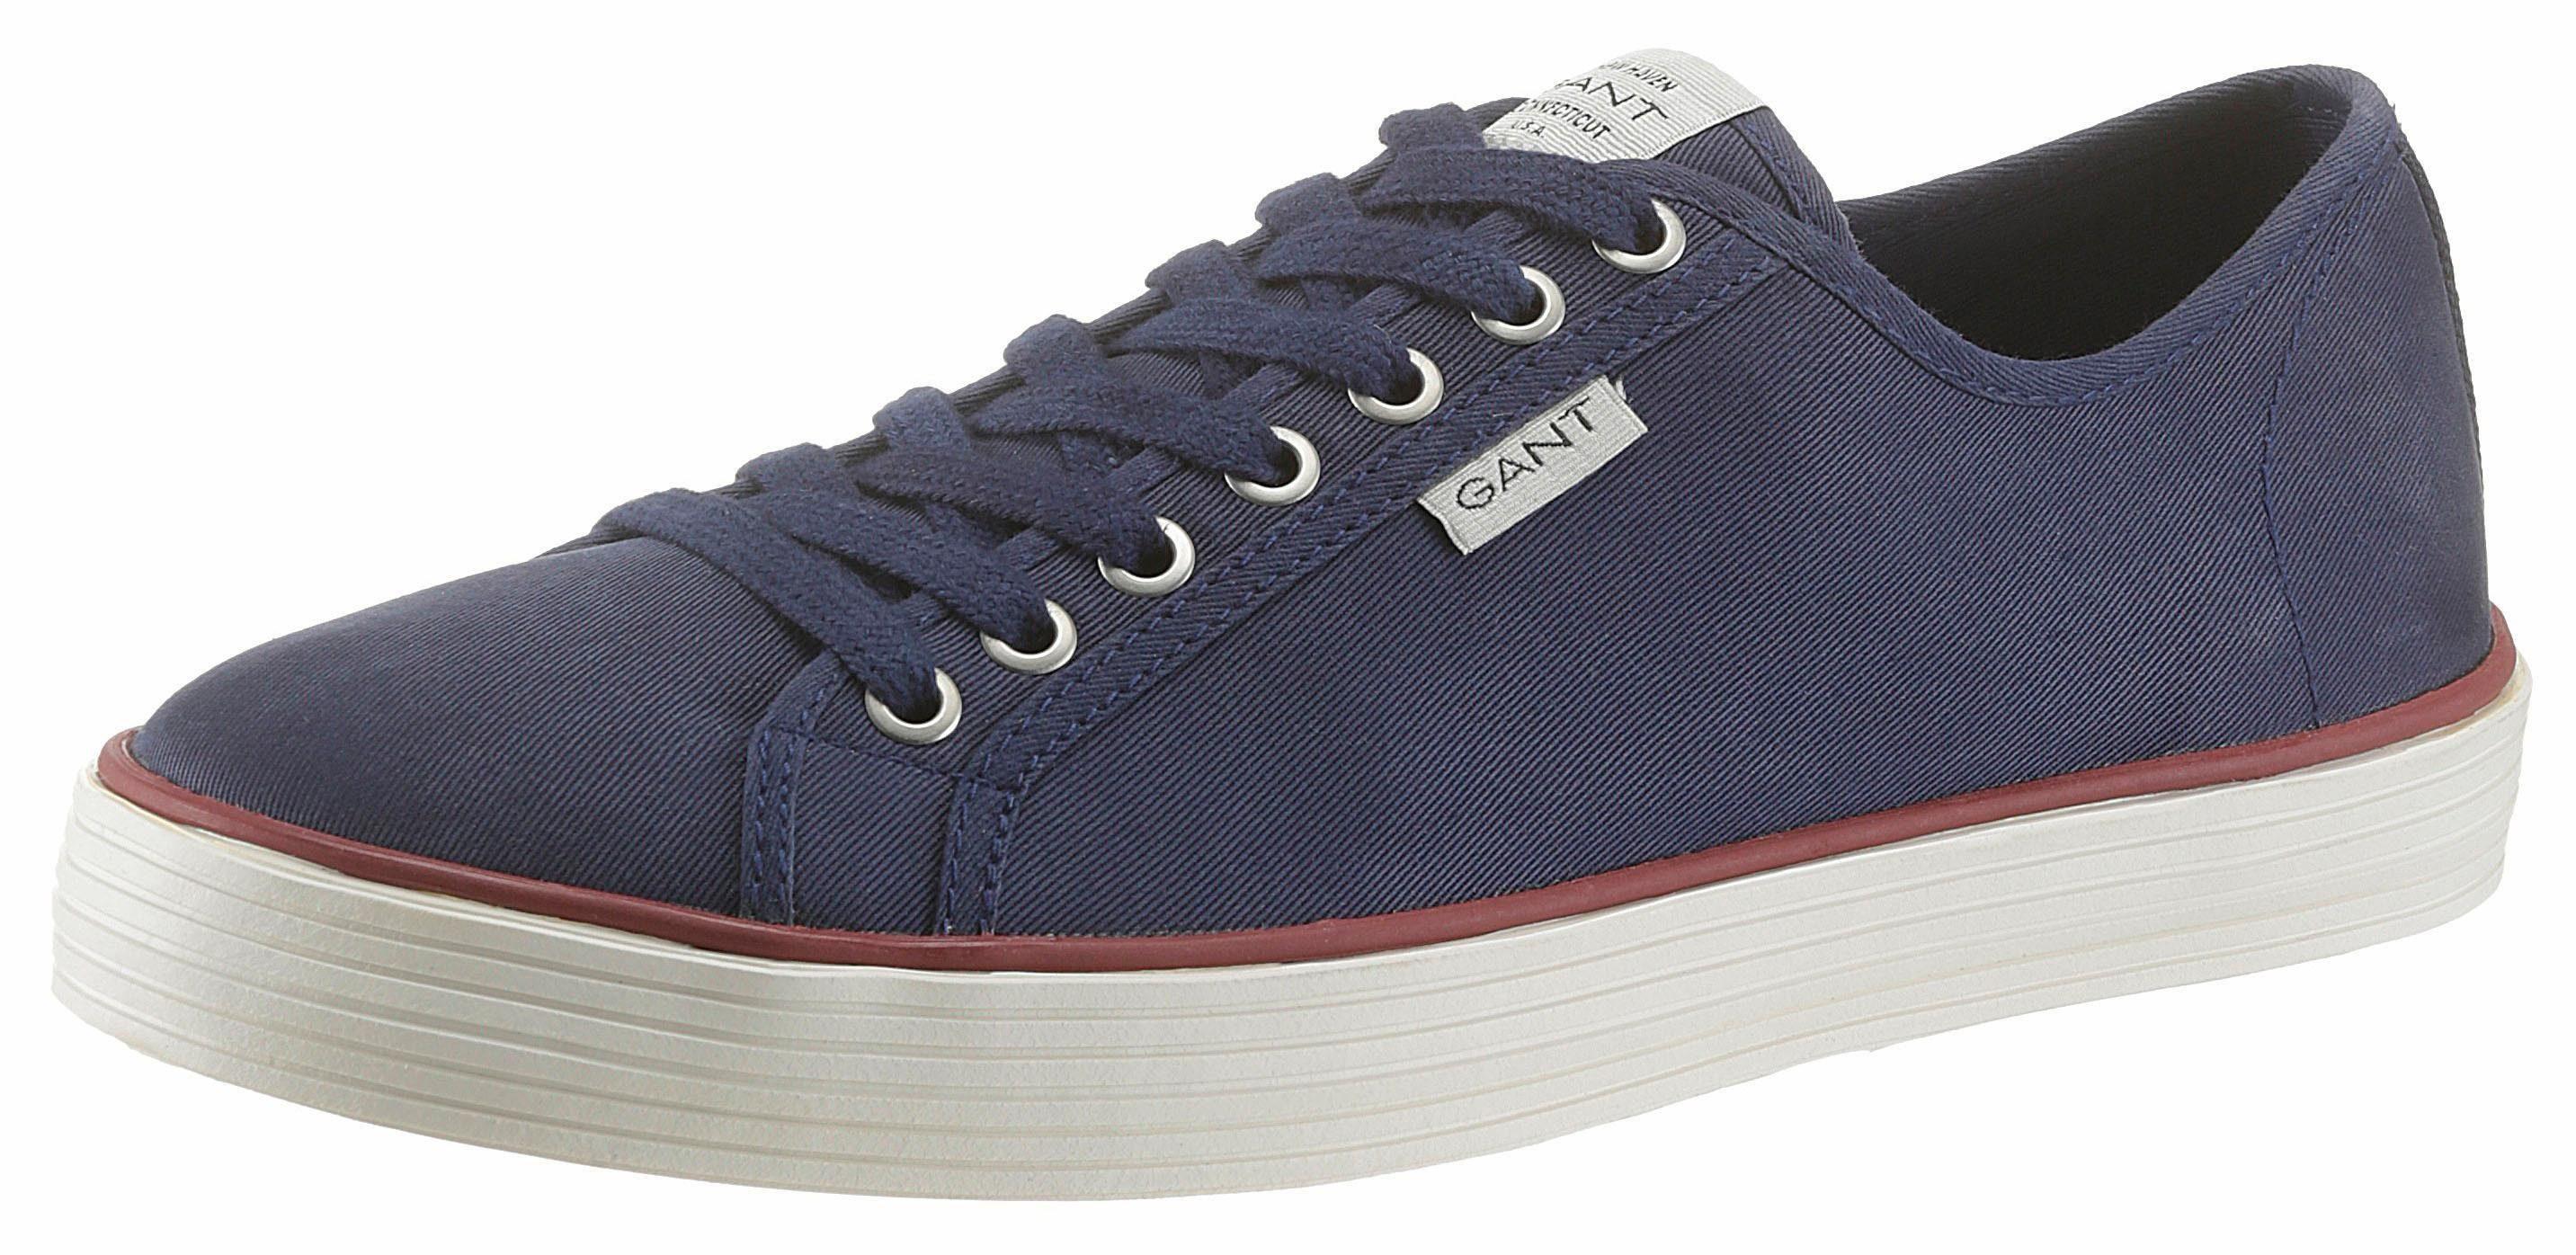 Gant Footwear »Baron« Sneaker, mit seitlichem Logo-Flag, beige, 41 41